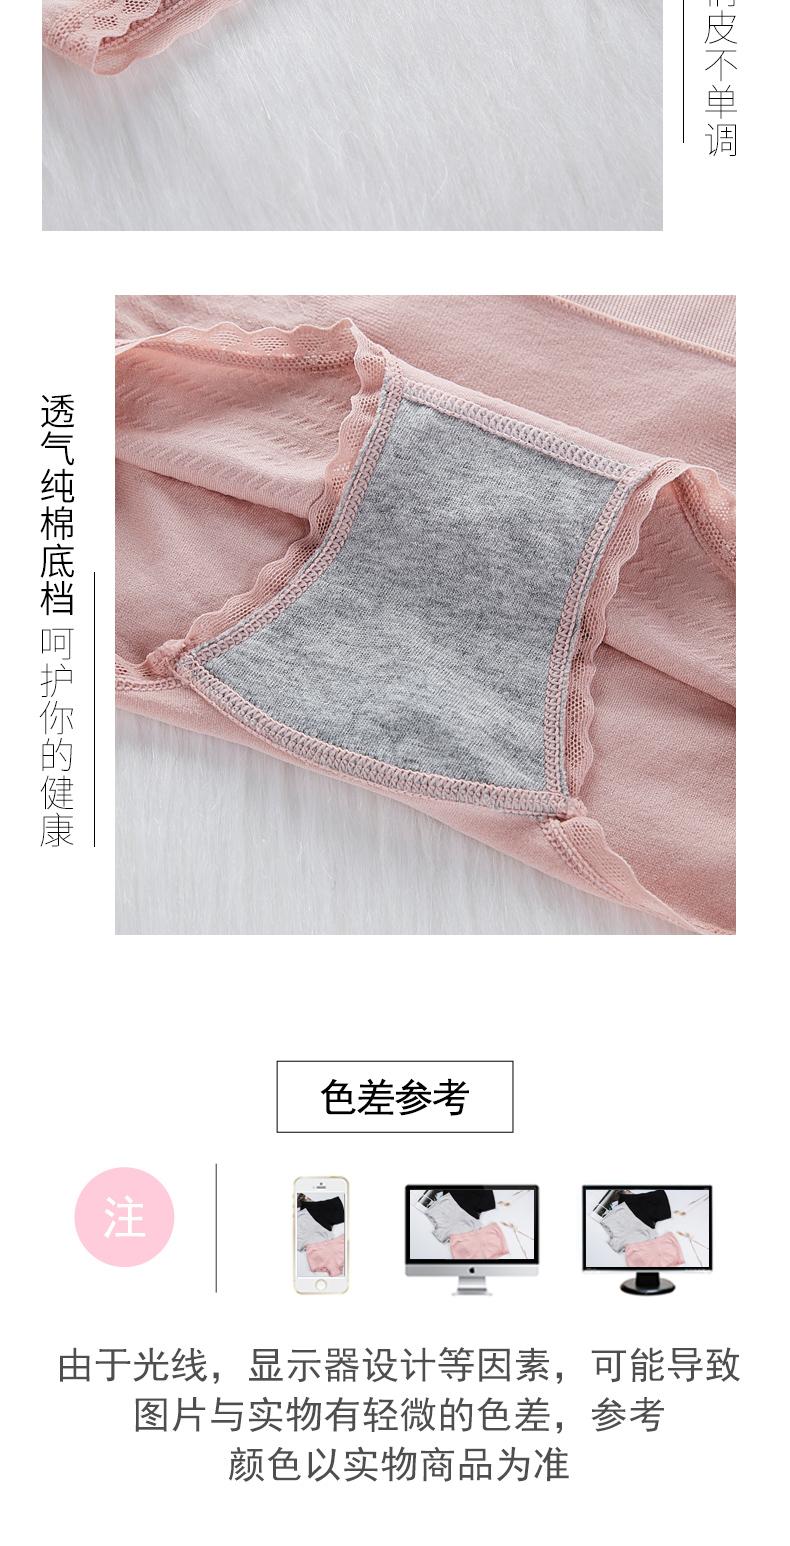 4条装 内裤女纯棉裆蕾丝收腹提臀莫代尔无痕中腰性感女士平角裤衩